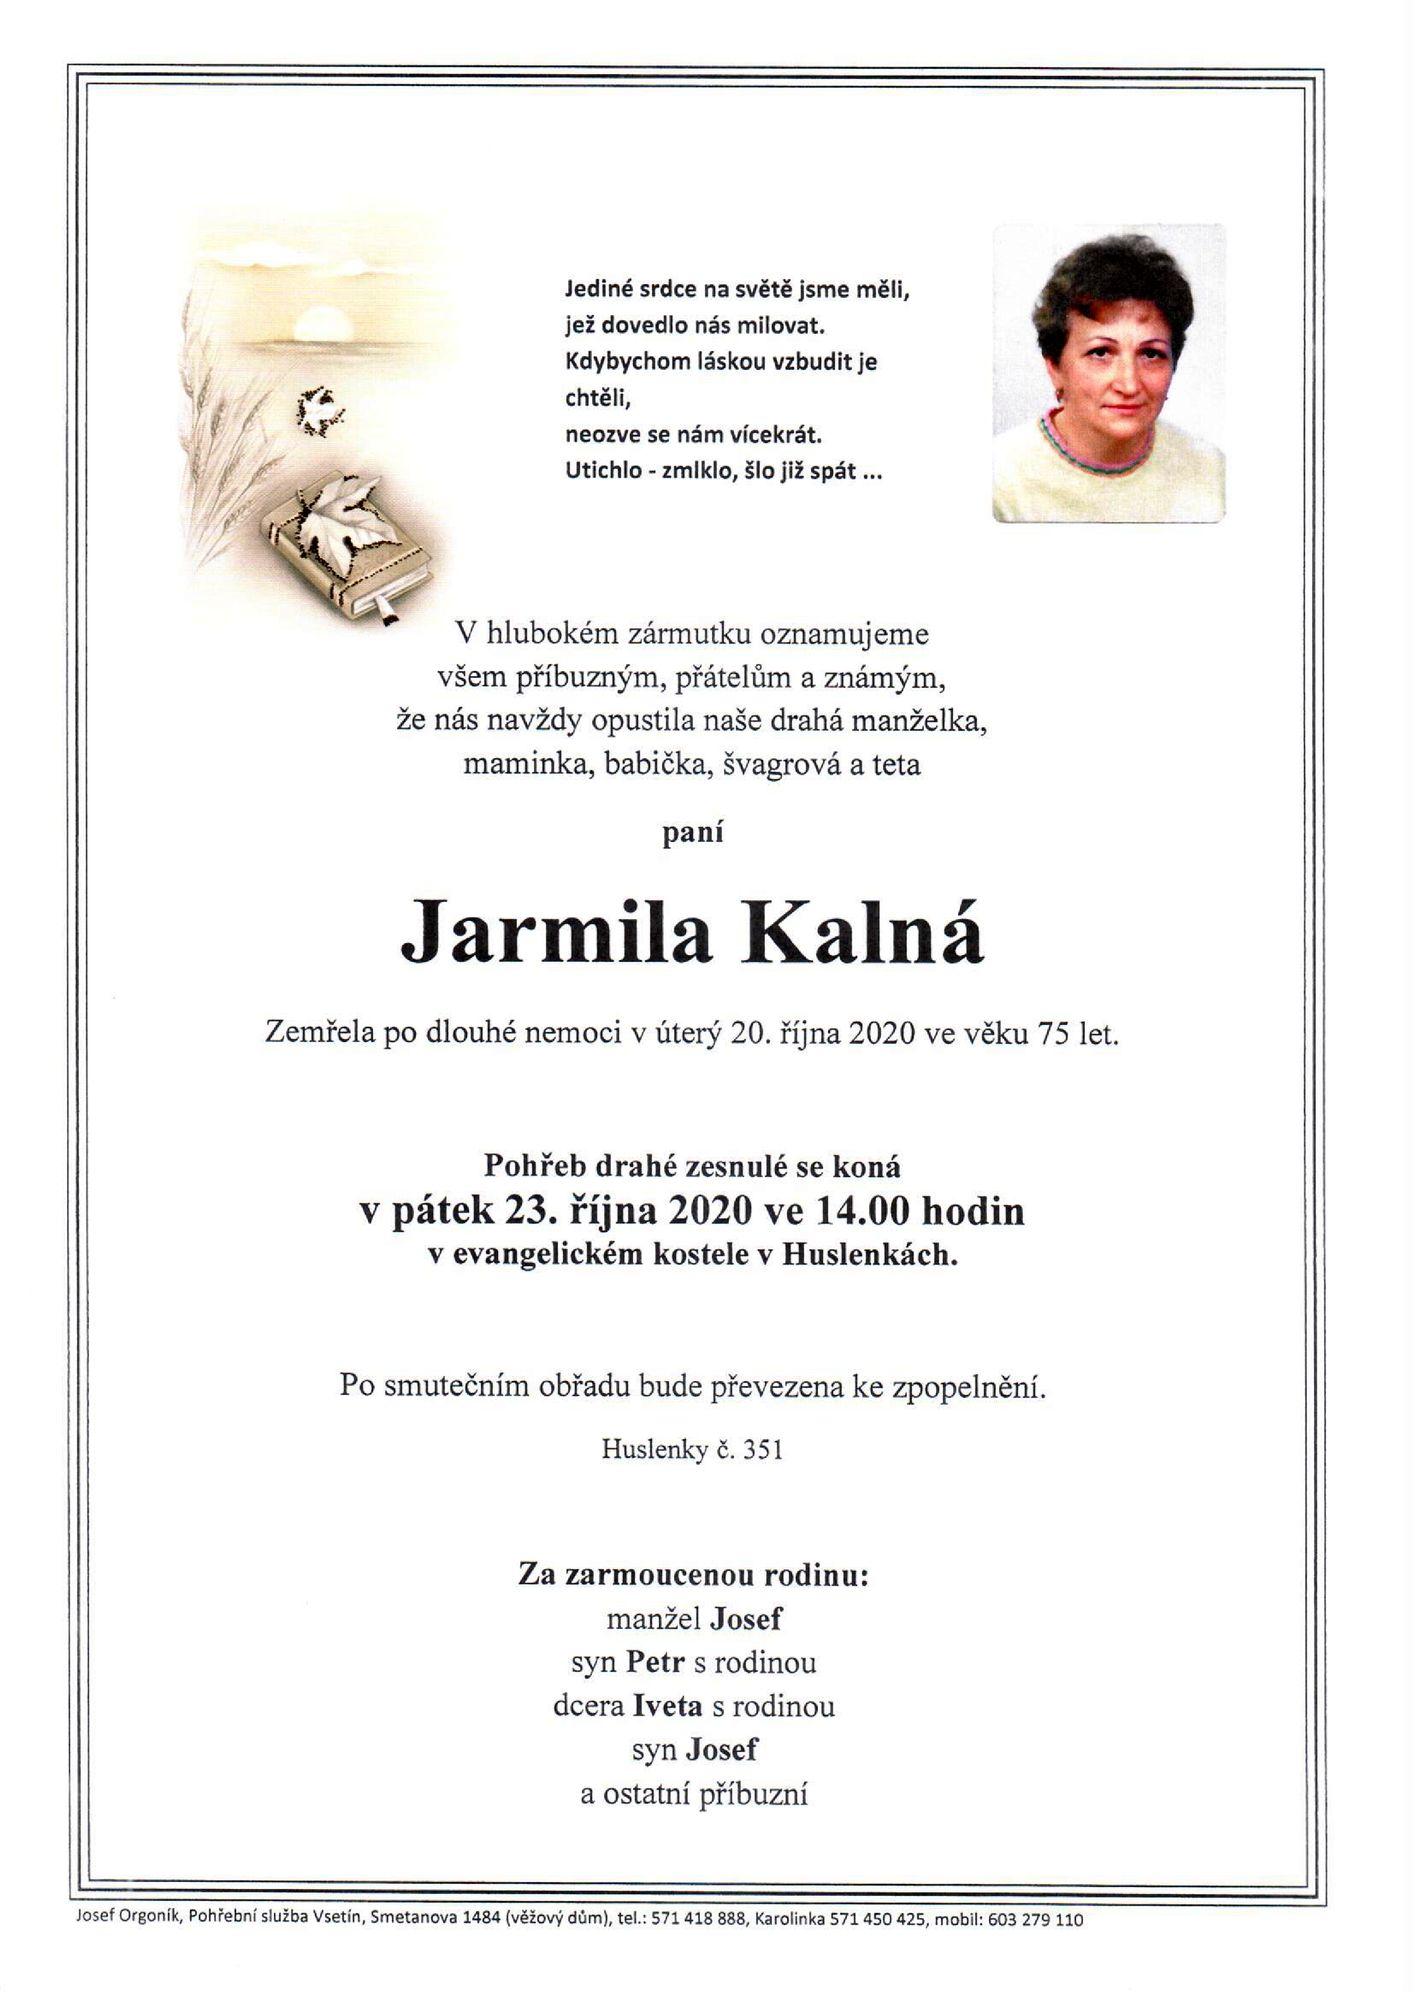 Jarmila Kalná